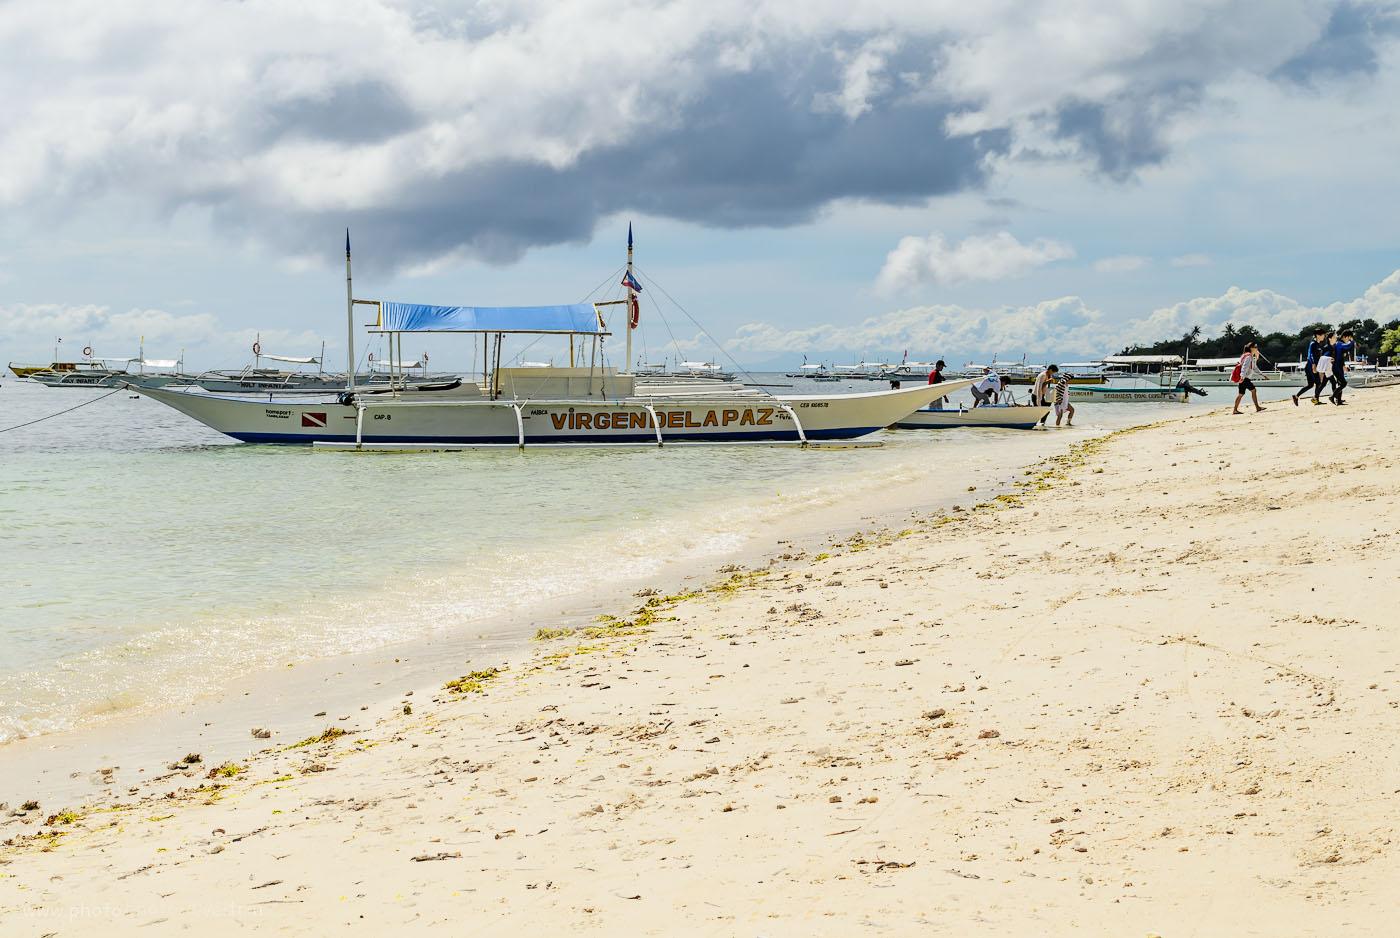 Фото 1. С чего начать фотоотчет об отдыхе на Филиппинах? Например, можно показать лодку, на которой туристы прибыли на остров Панглао (Panglao). Камера Nikon D5100 KIT 18-55 VR. Настройки: выдержка 1/320 секунды, диафрагма f/13.0, ISO 100, фокусное 35 мм.